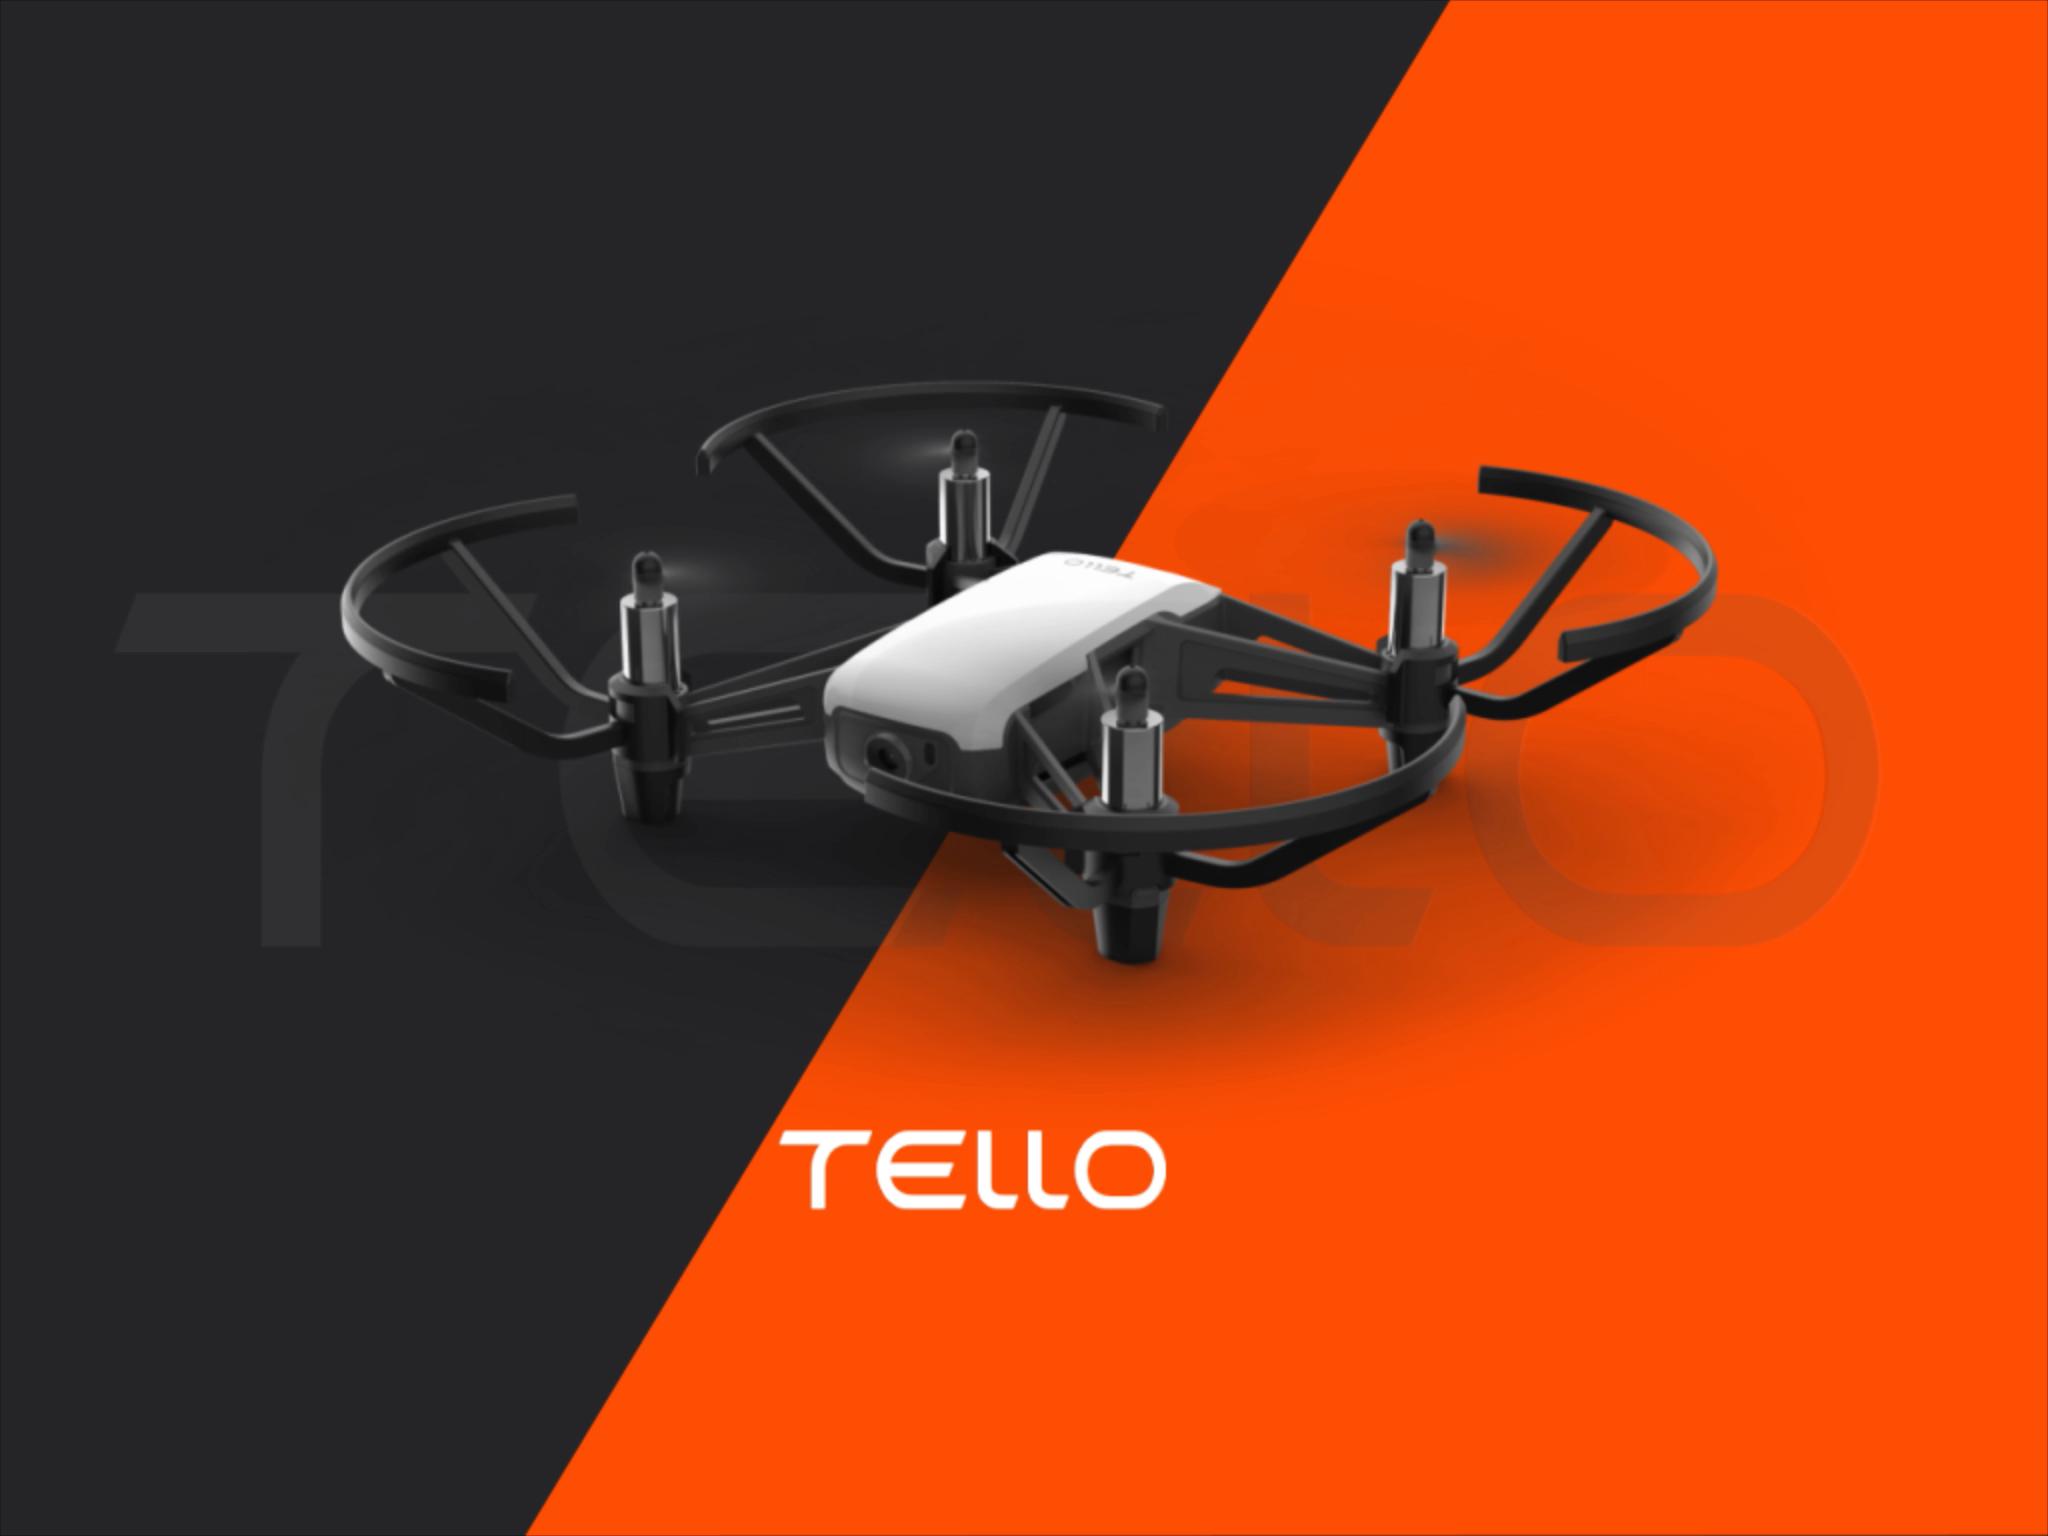 【トイドローン】Telloの開封~初期設定~飛行までを徹底レビュー